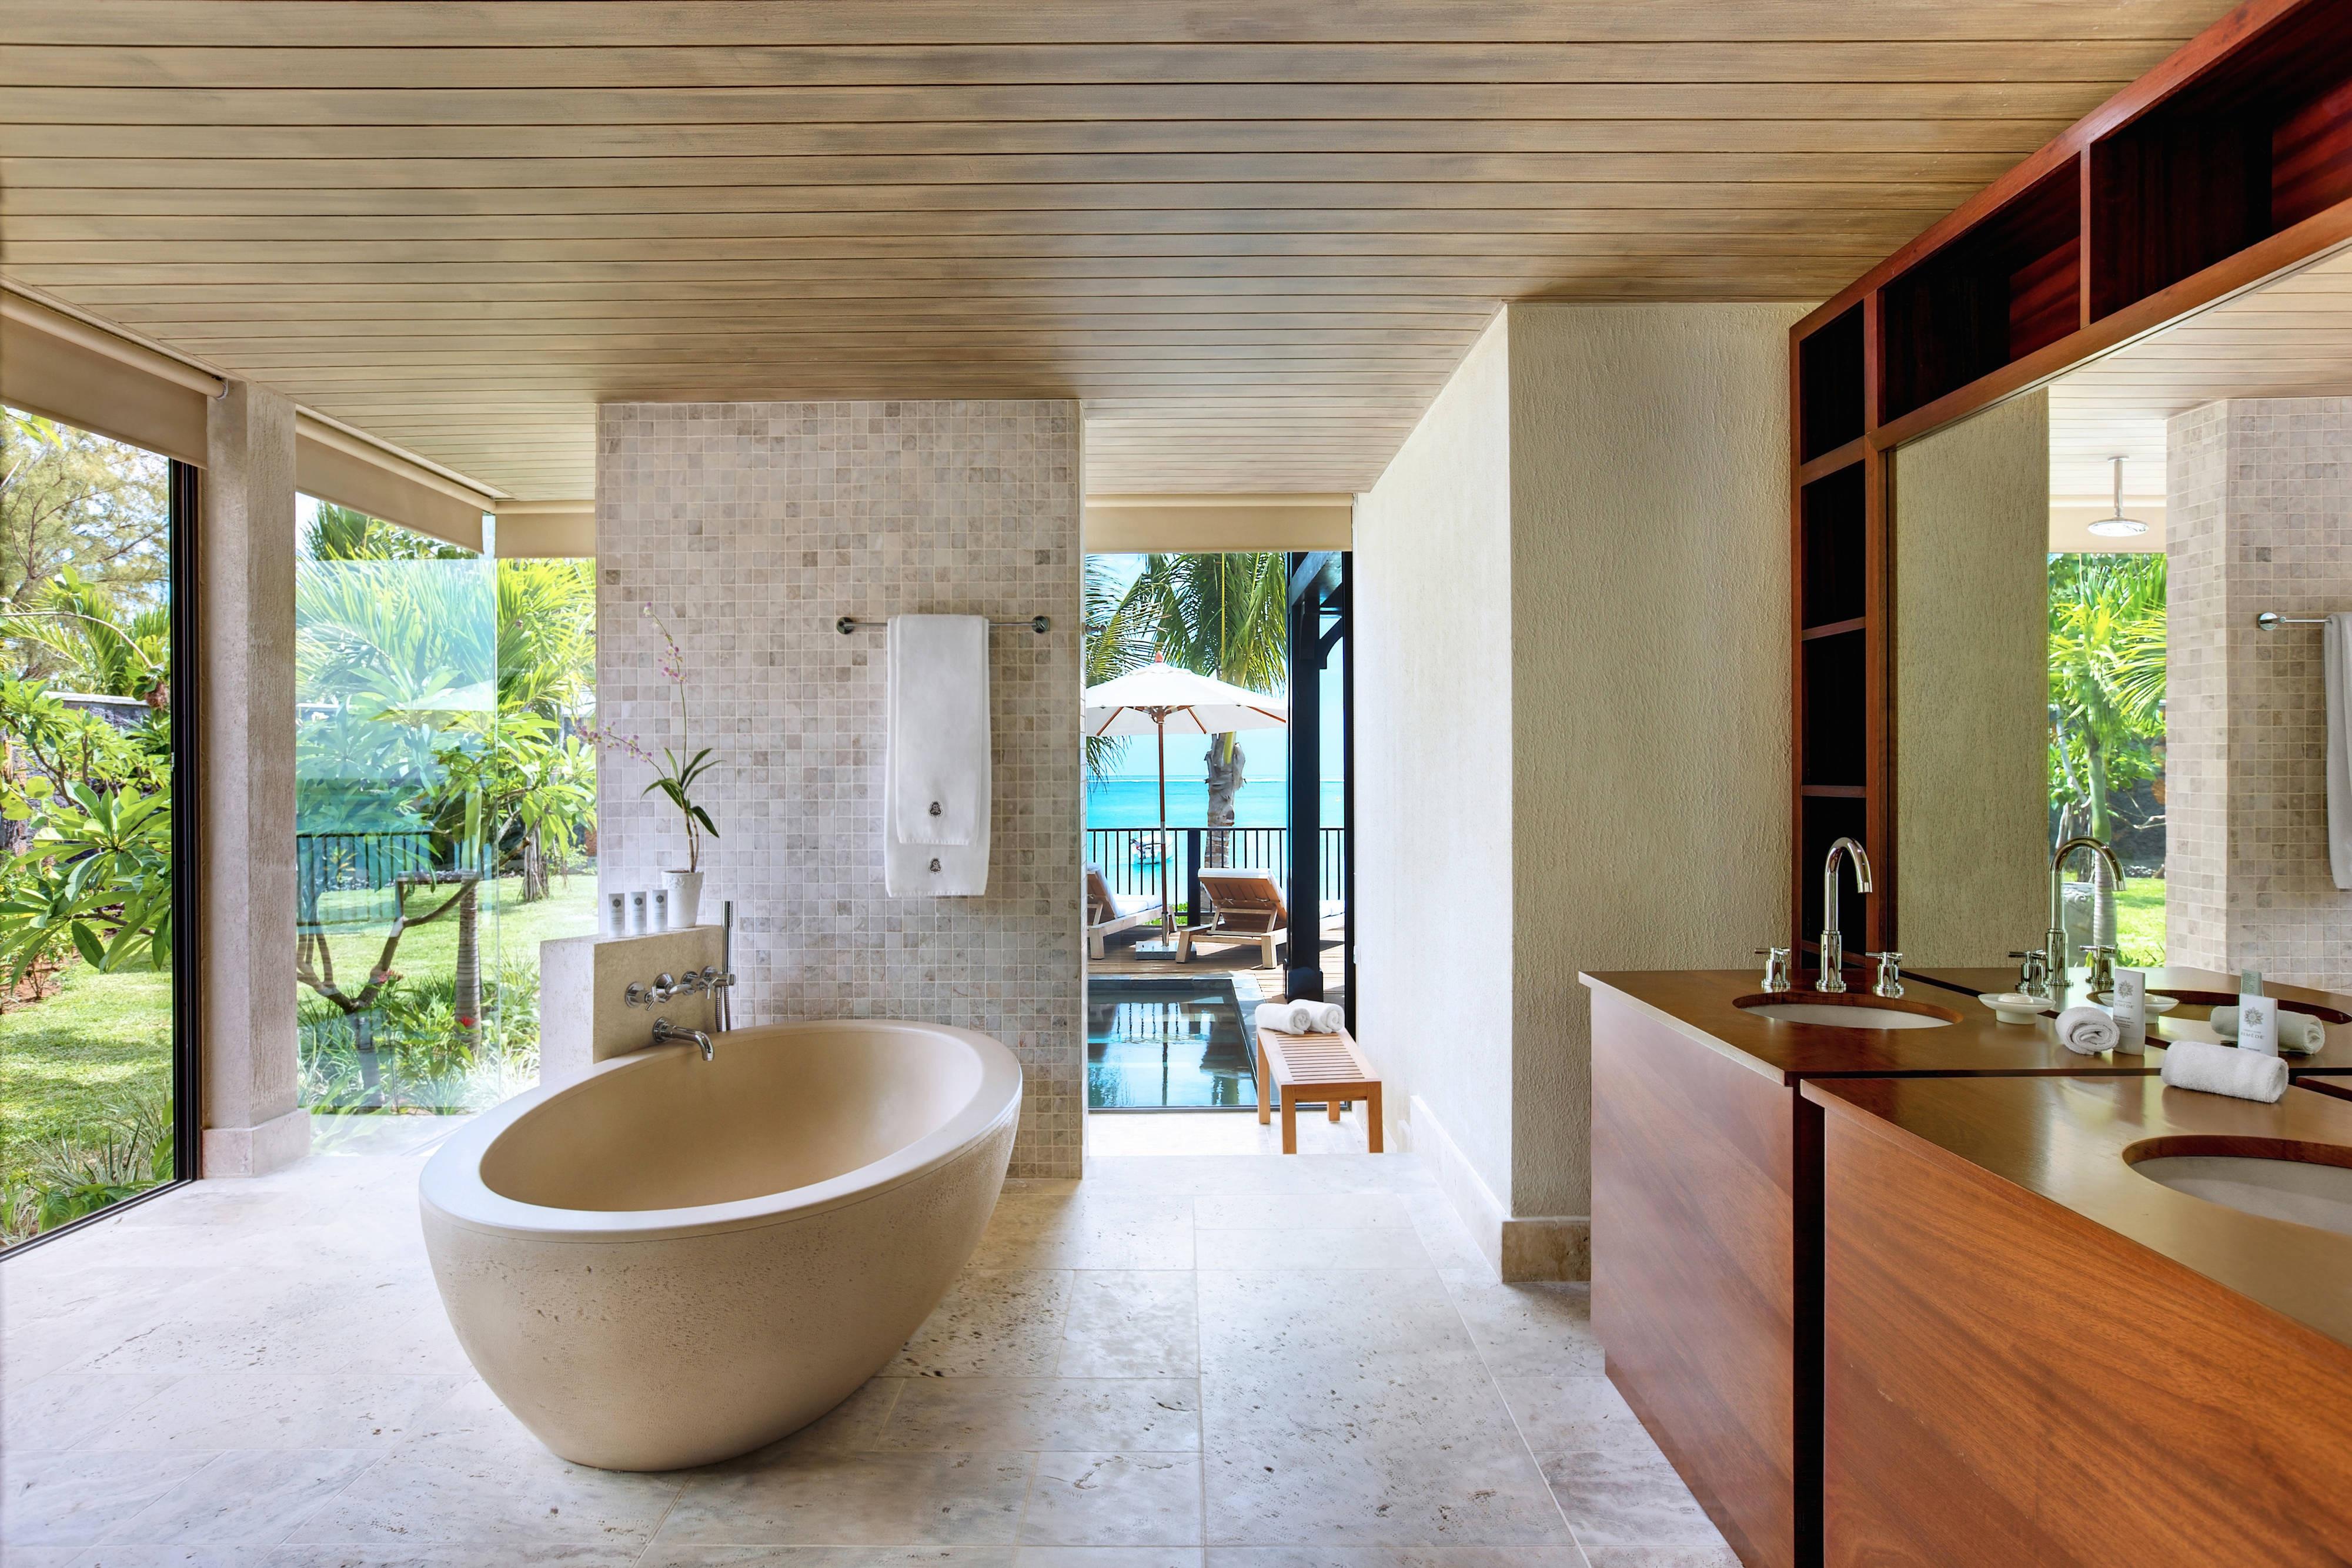 The St. Regis Villa Master Bathroom